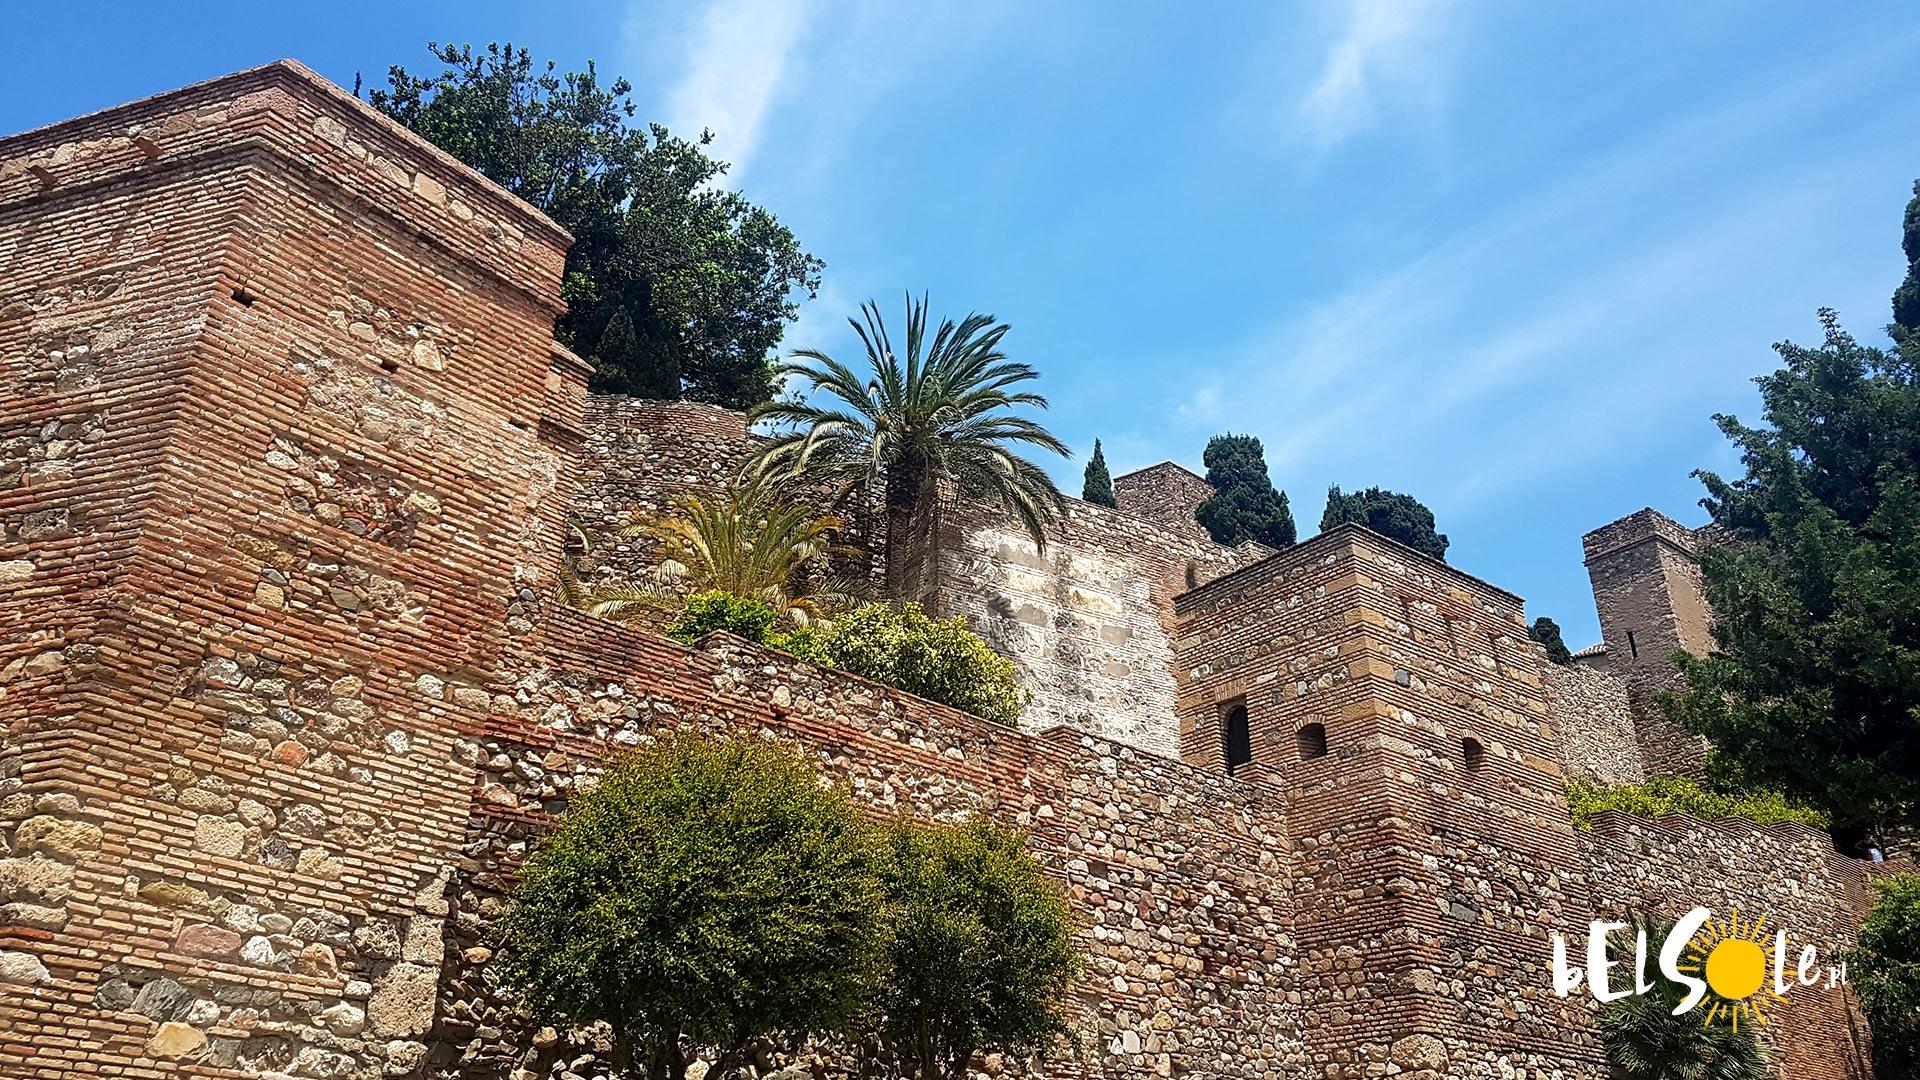 Pałac Alcazaba w Maladze